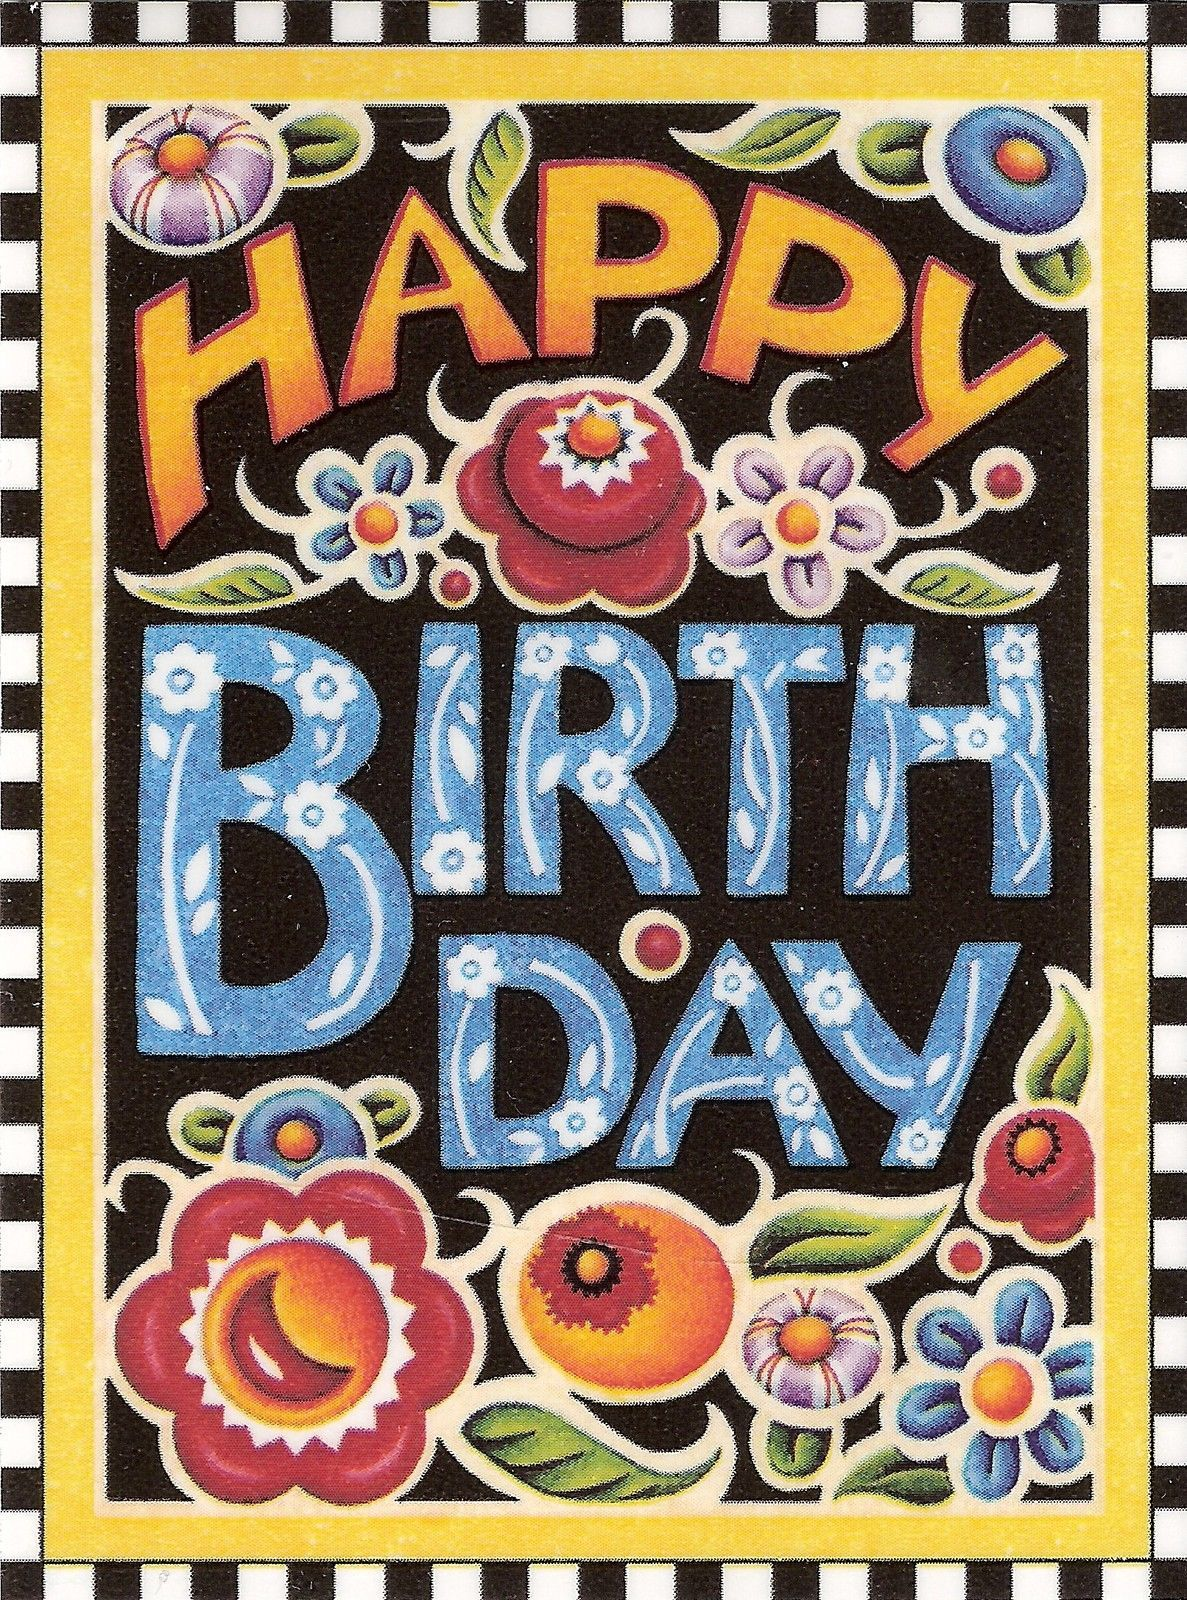 Happy Birthday Aunt Mary Meme